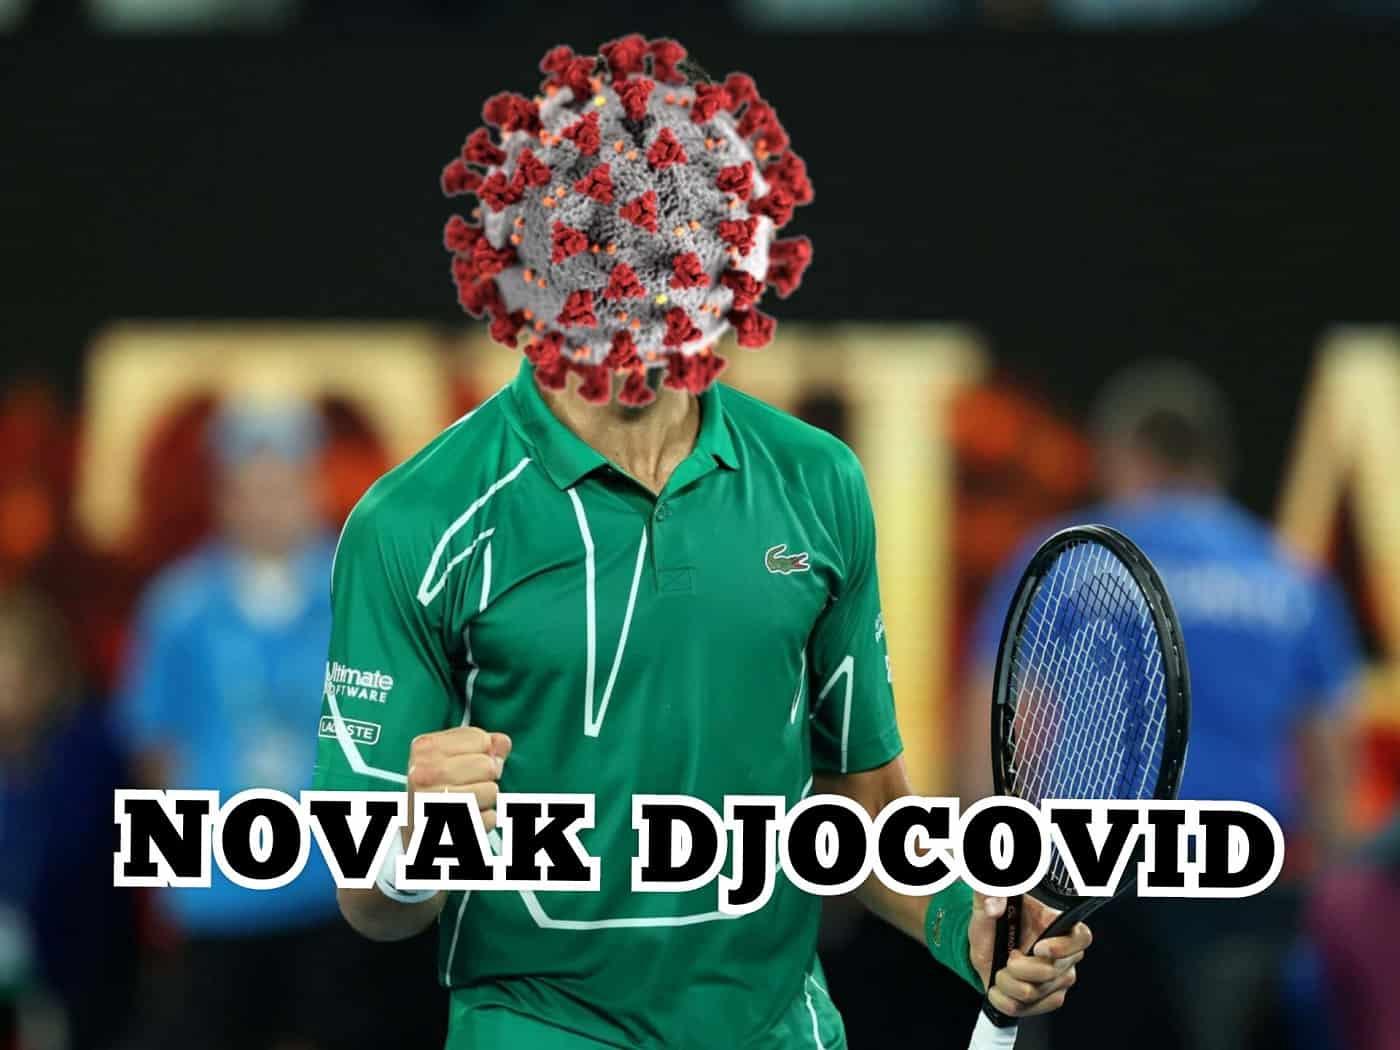 Los Memes Del Positivo Por Coronavirus De Djokovic